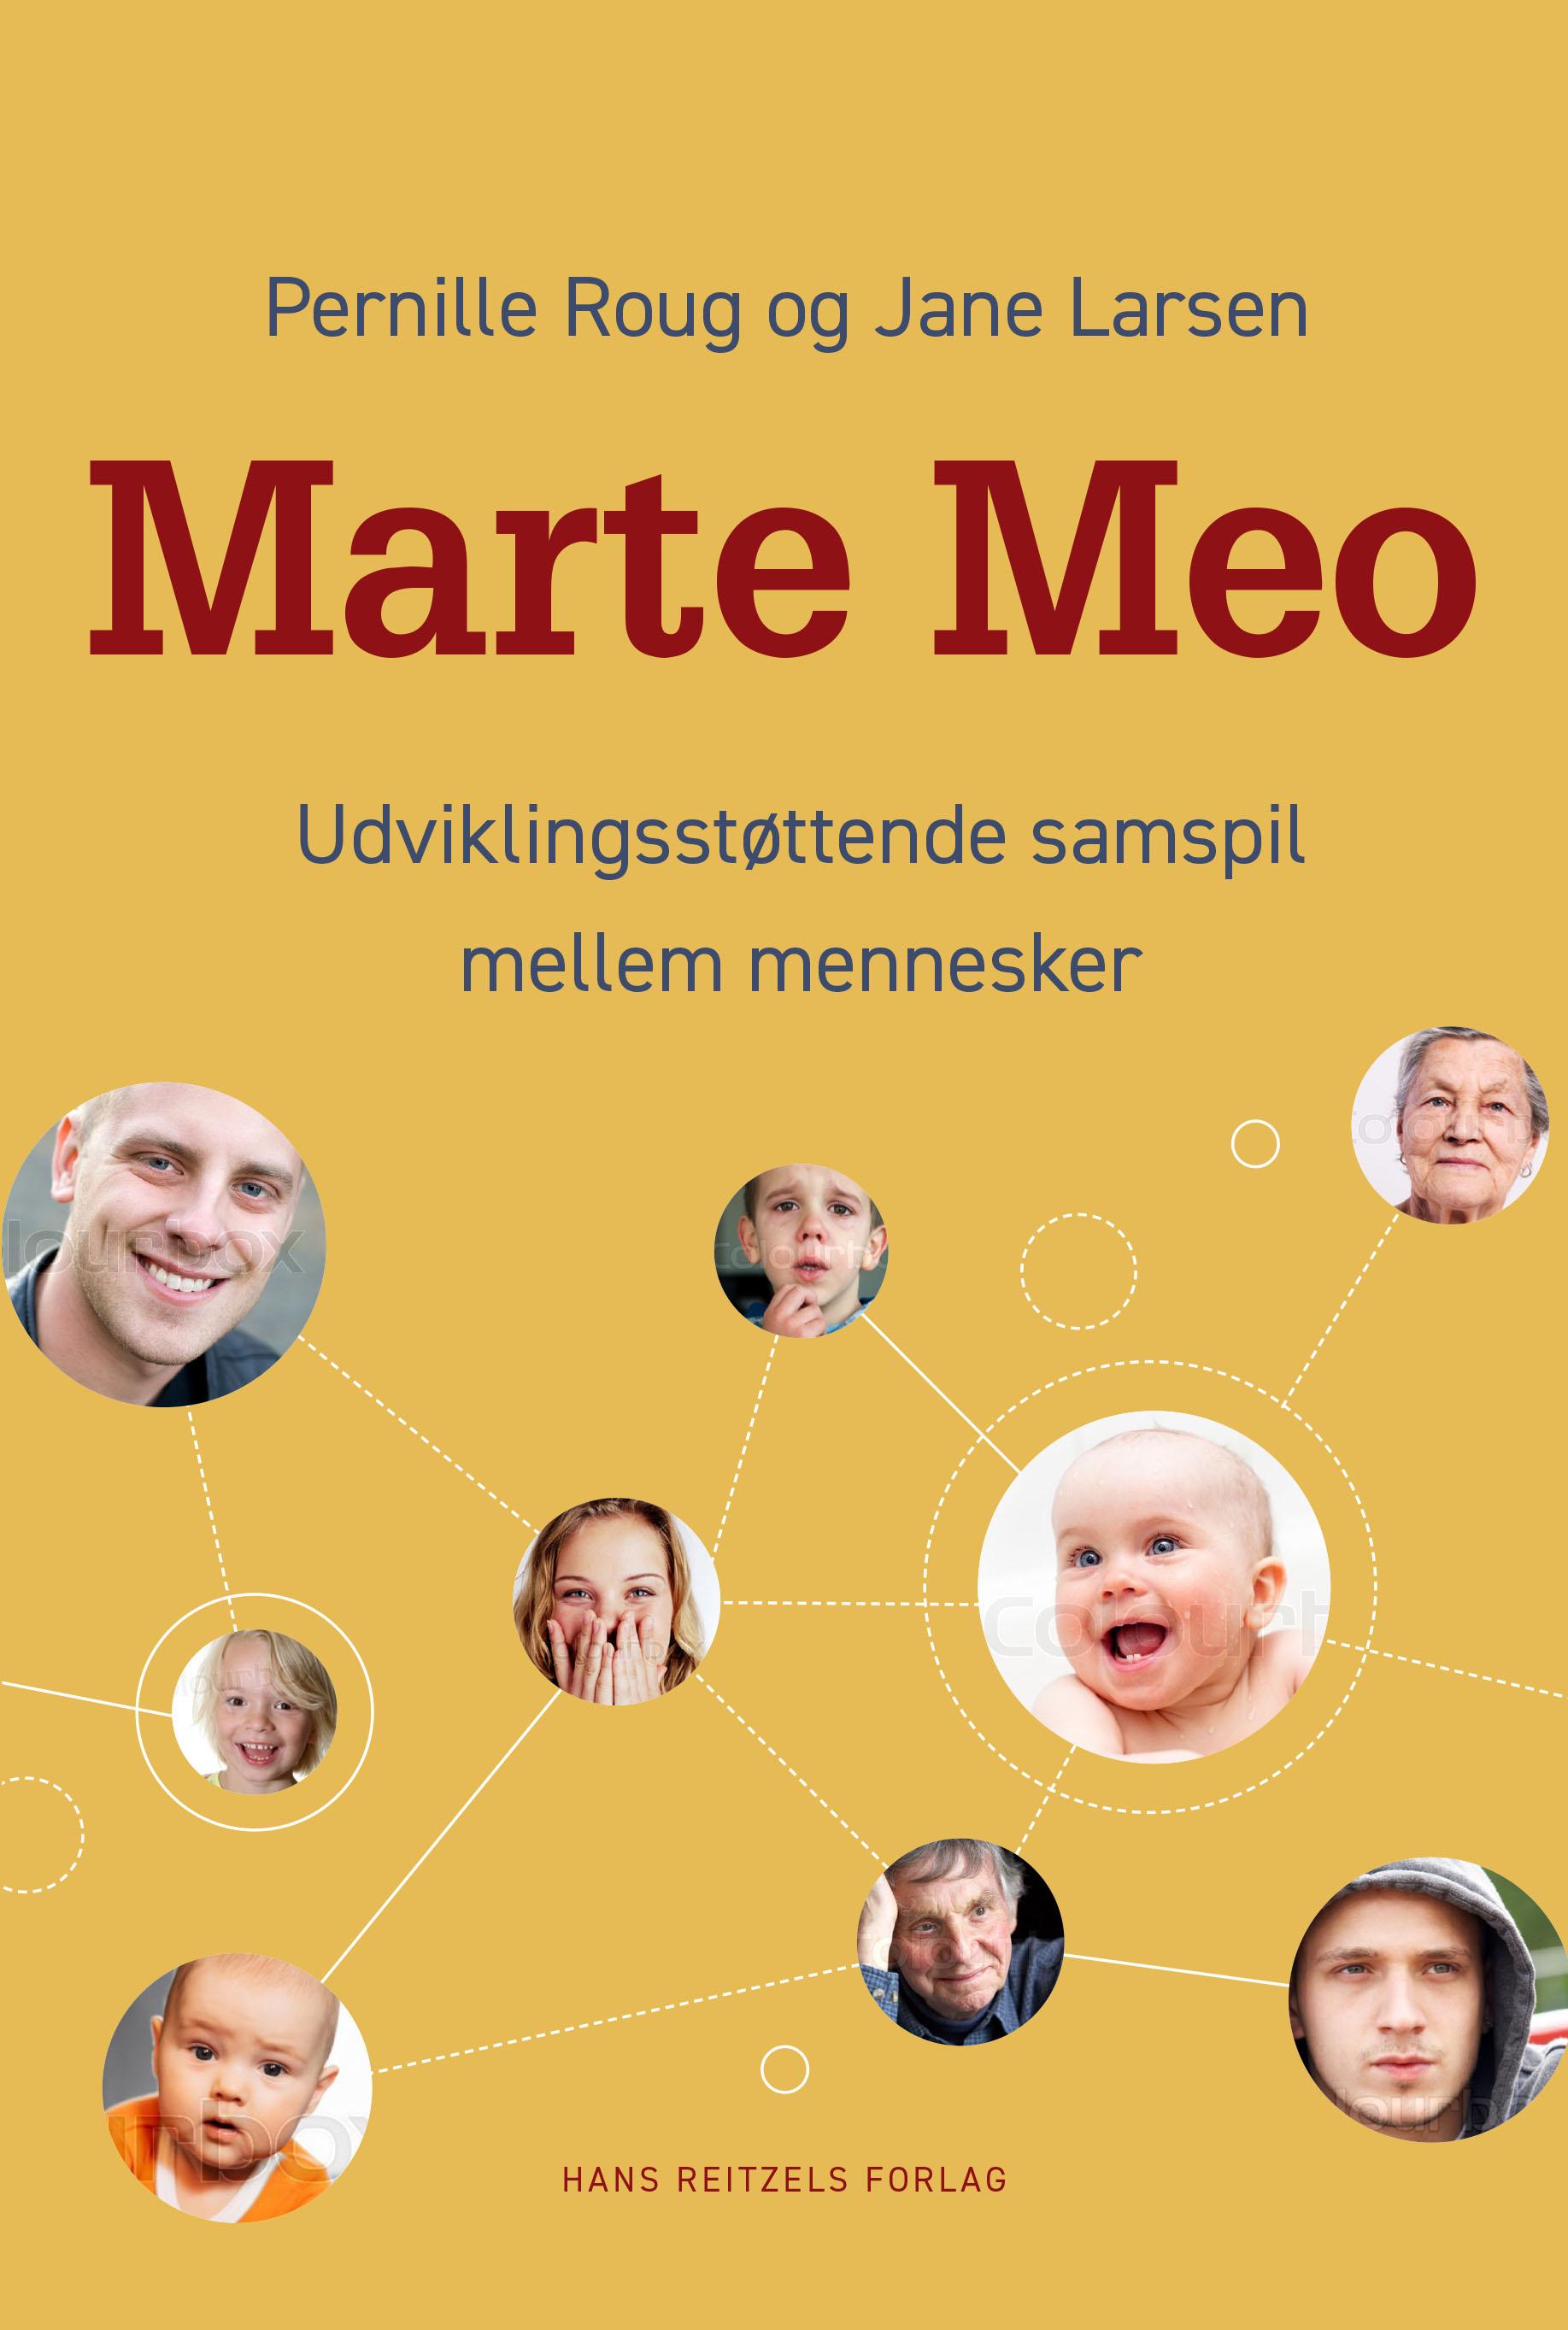 Marte Meo - udviklingsstøttende samspil mellem mennesker